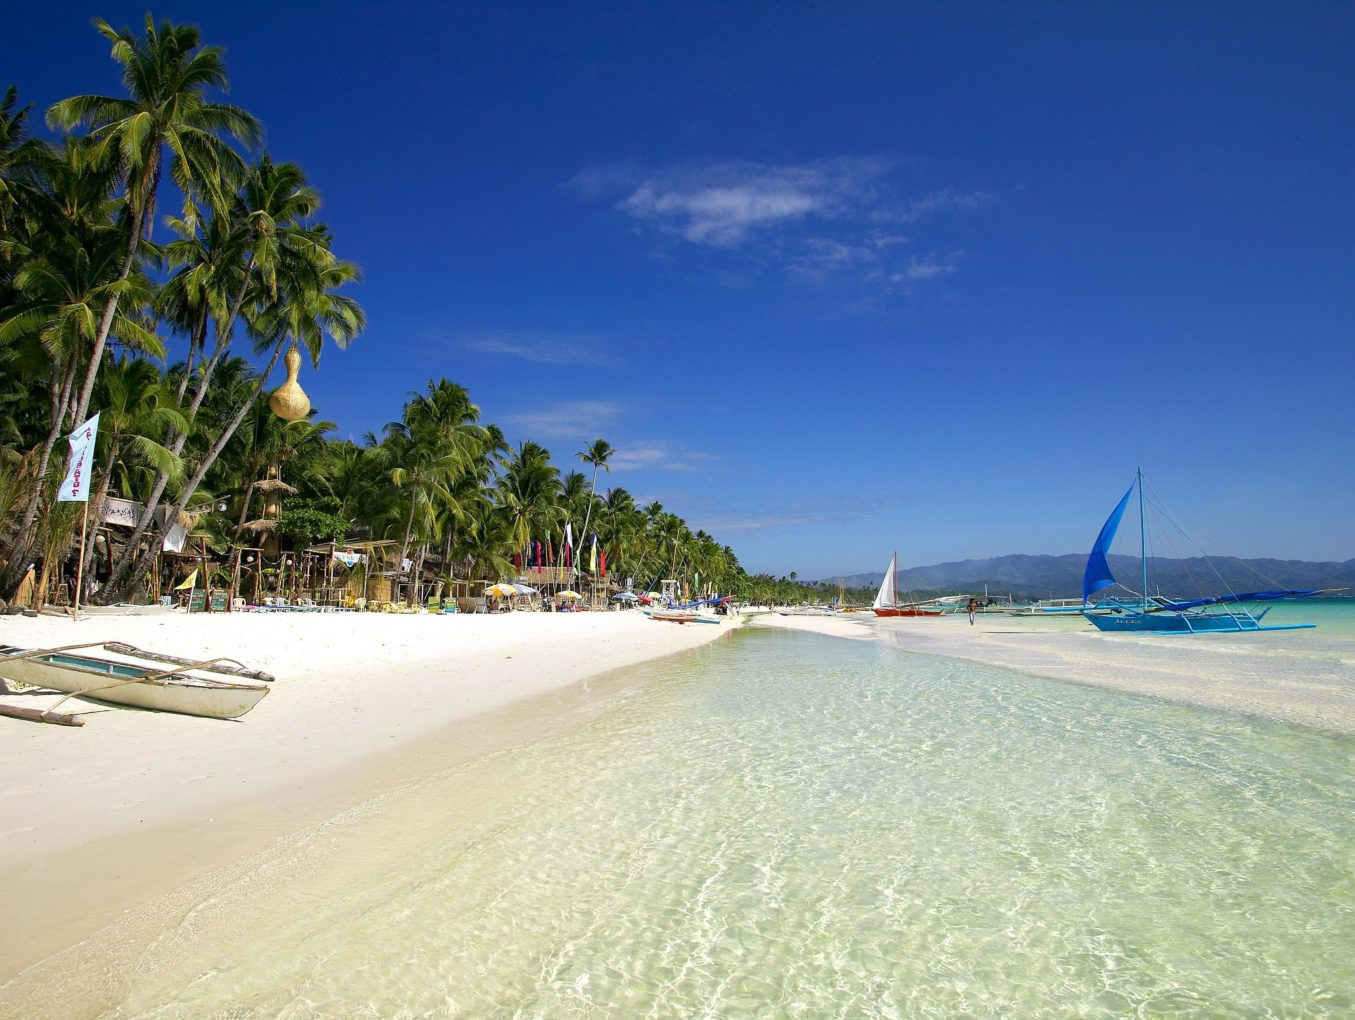 Остров Боракай откроют для посещений, но ограничат число туристов